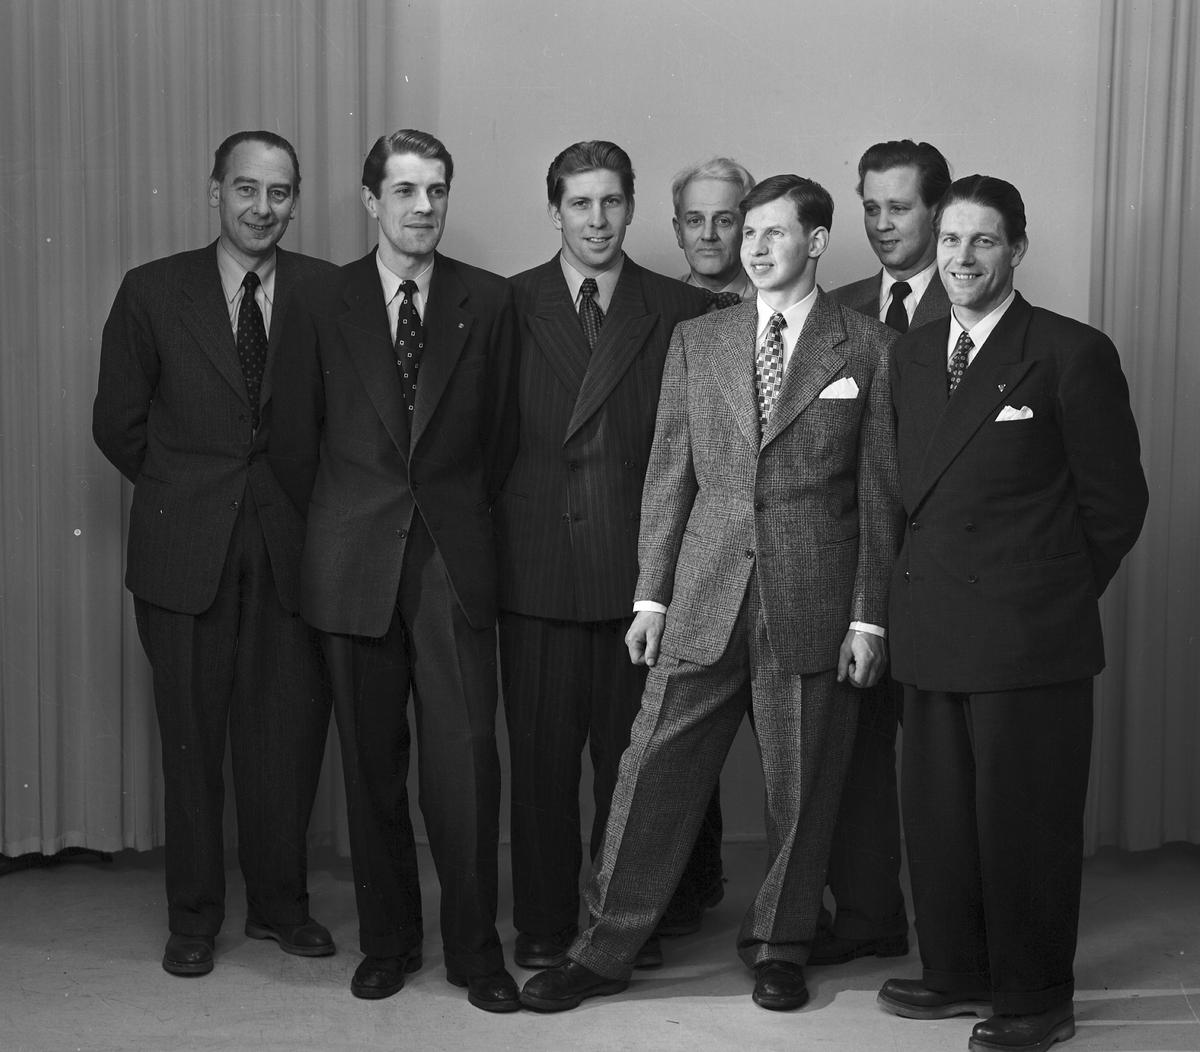 """AXEL LIDHOLMS EKIPERING. Den 15 februari 1952. Sångaren och bandyspelaren Gösta """"Snoddas"""" Nordgren från Bollnäs"""